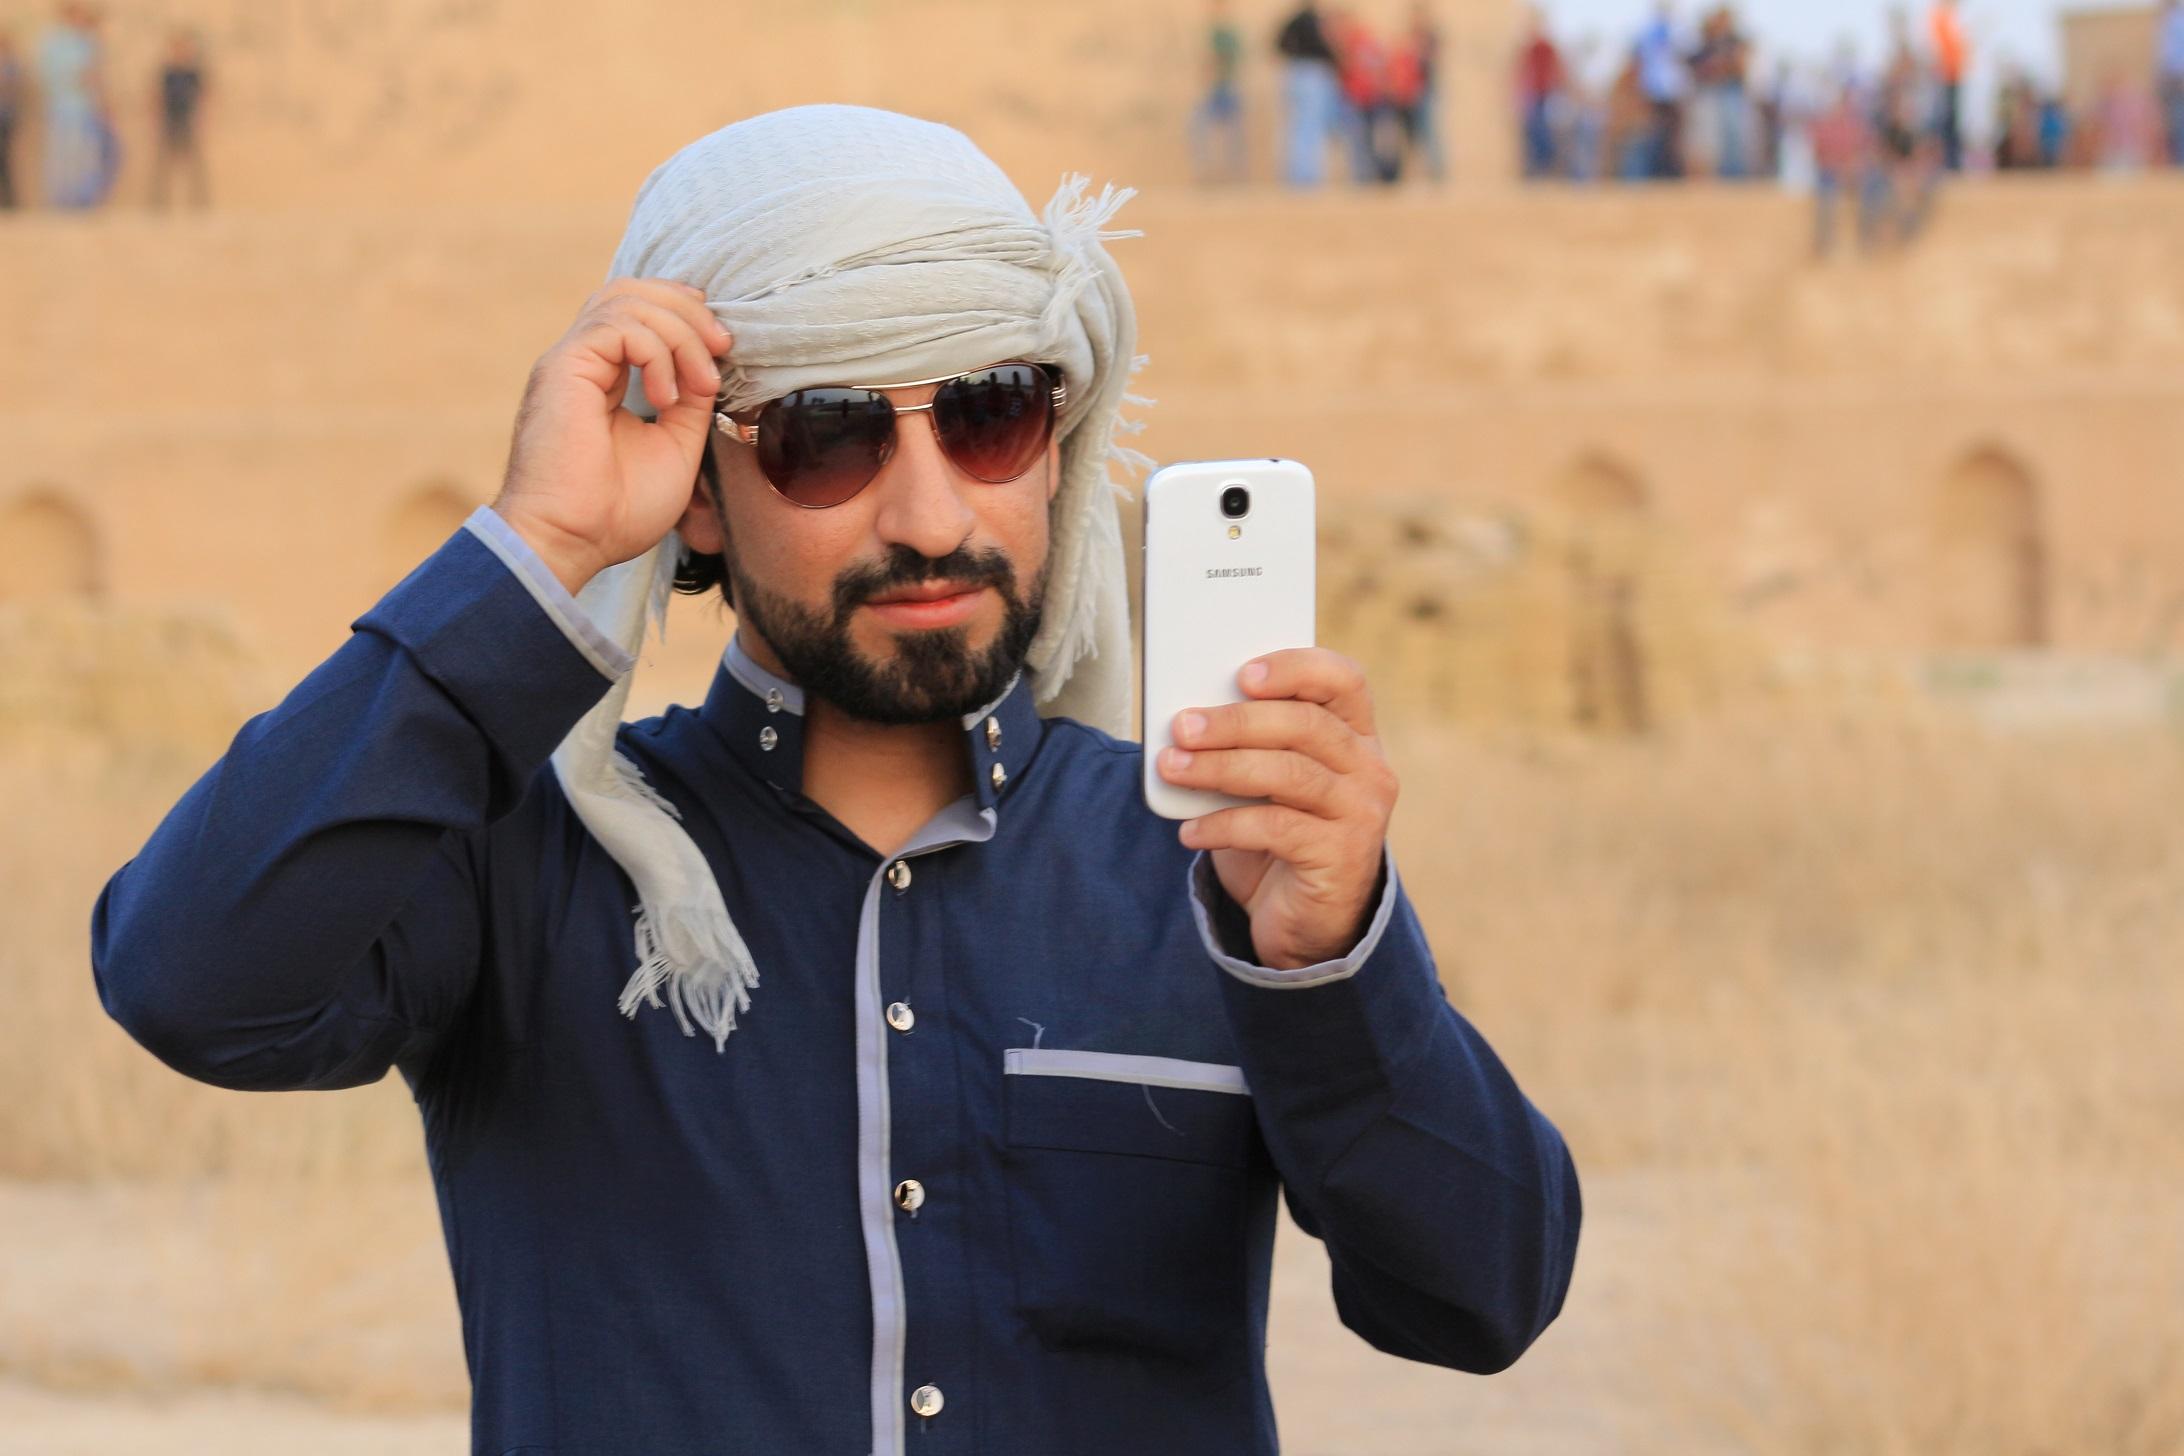 بالصور صور شباب الخليج , اجمل الصور لشباب الخليج 197 5